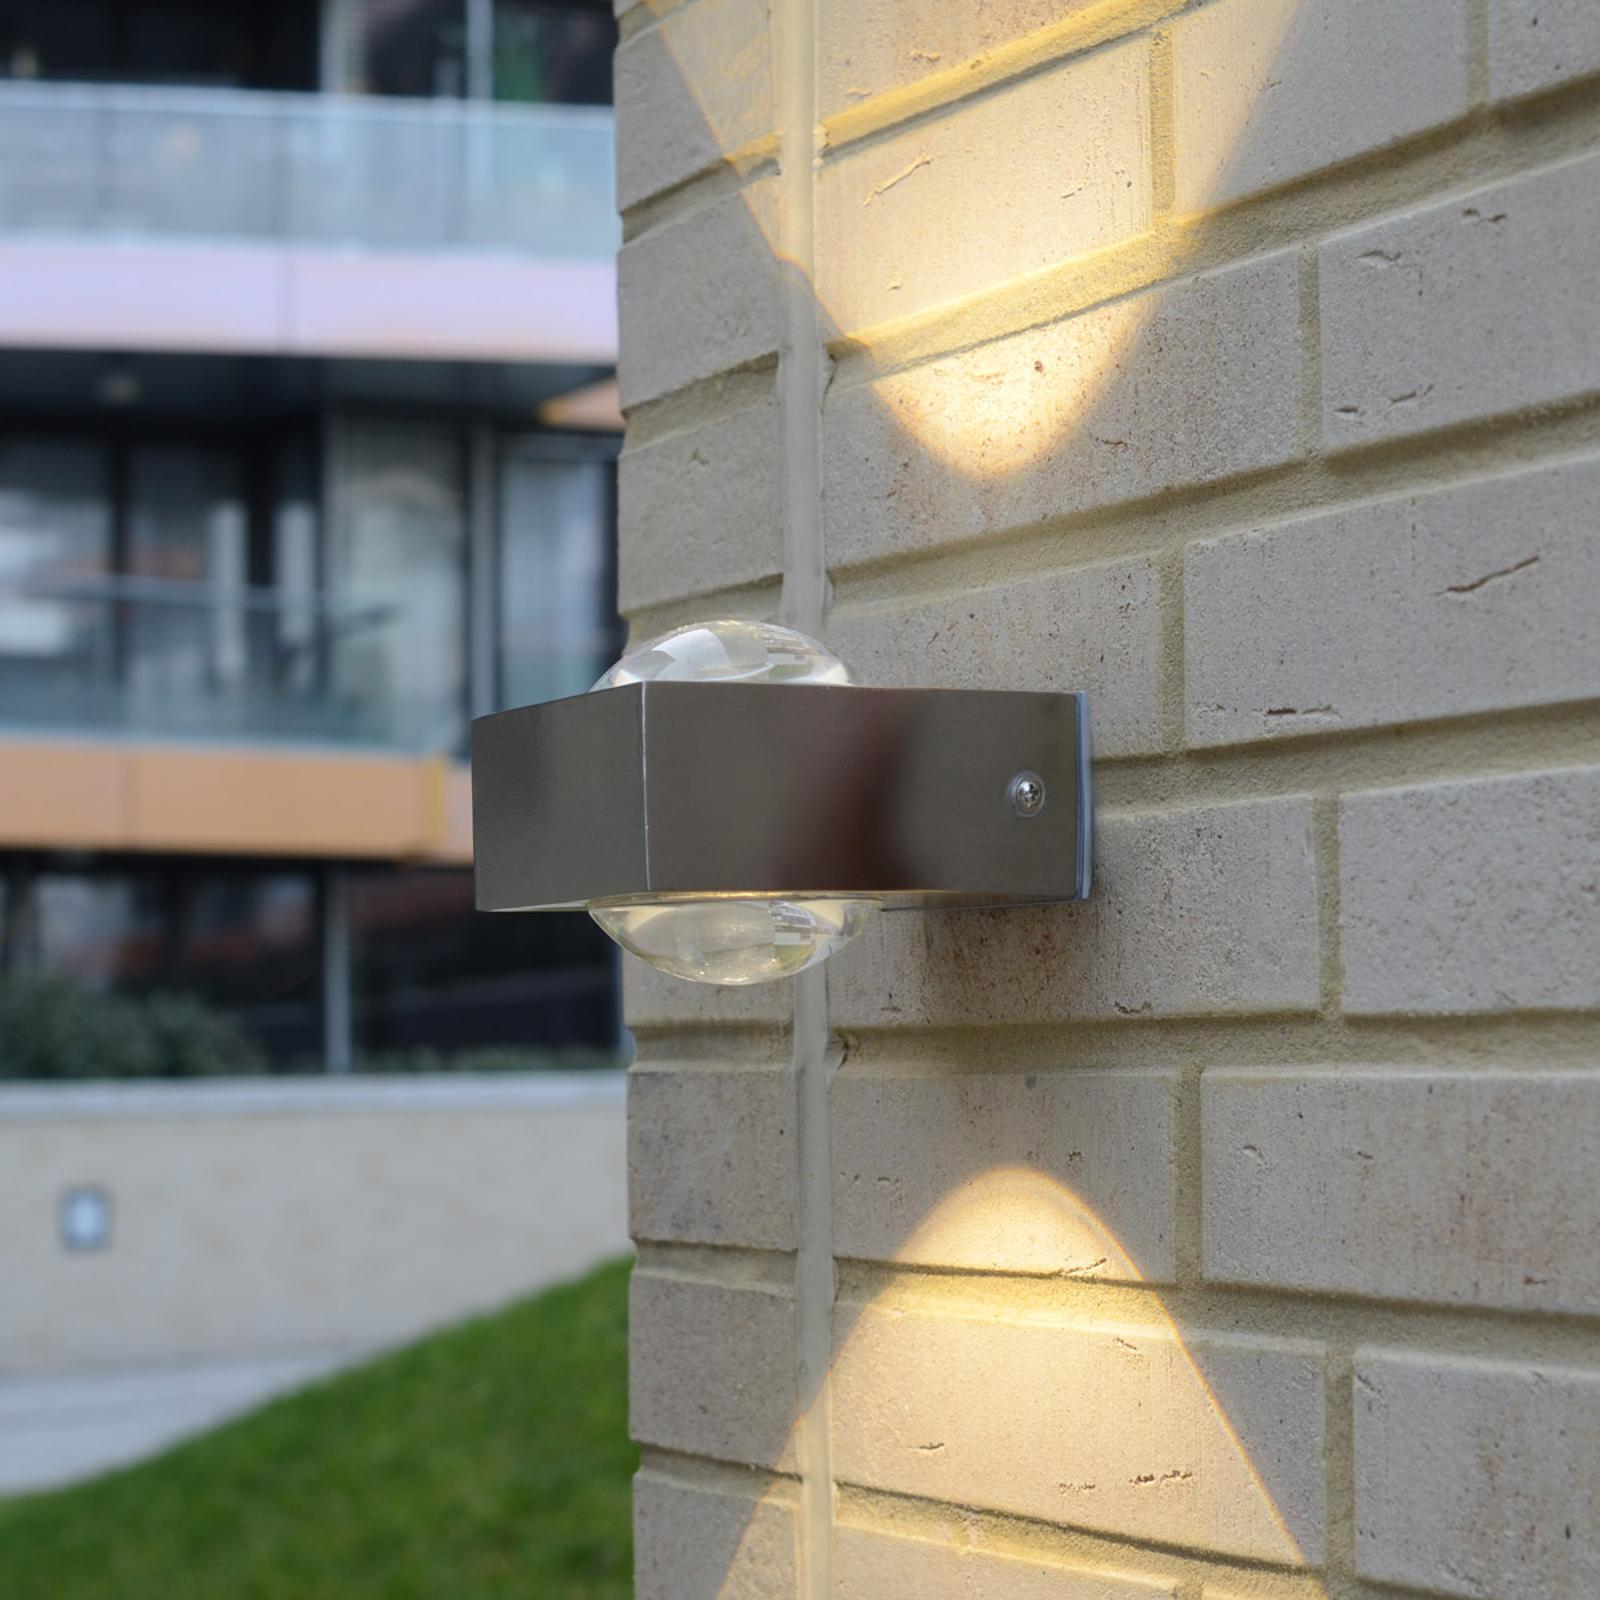 Vonkajšie svietidlo Crystal s LED, ušľachtilá oceľ_3006219_1